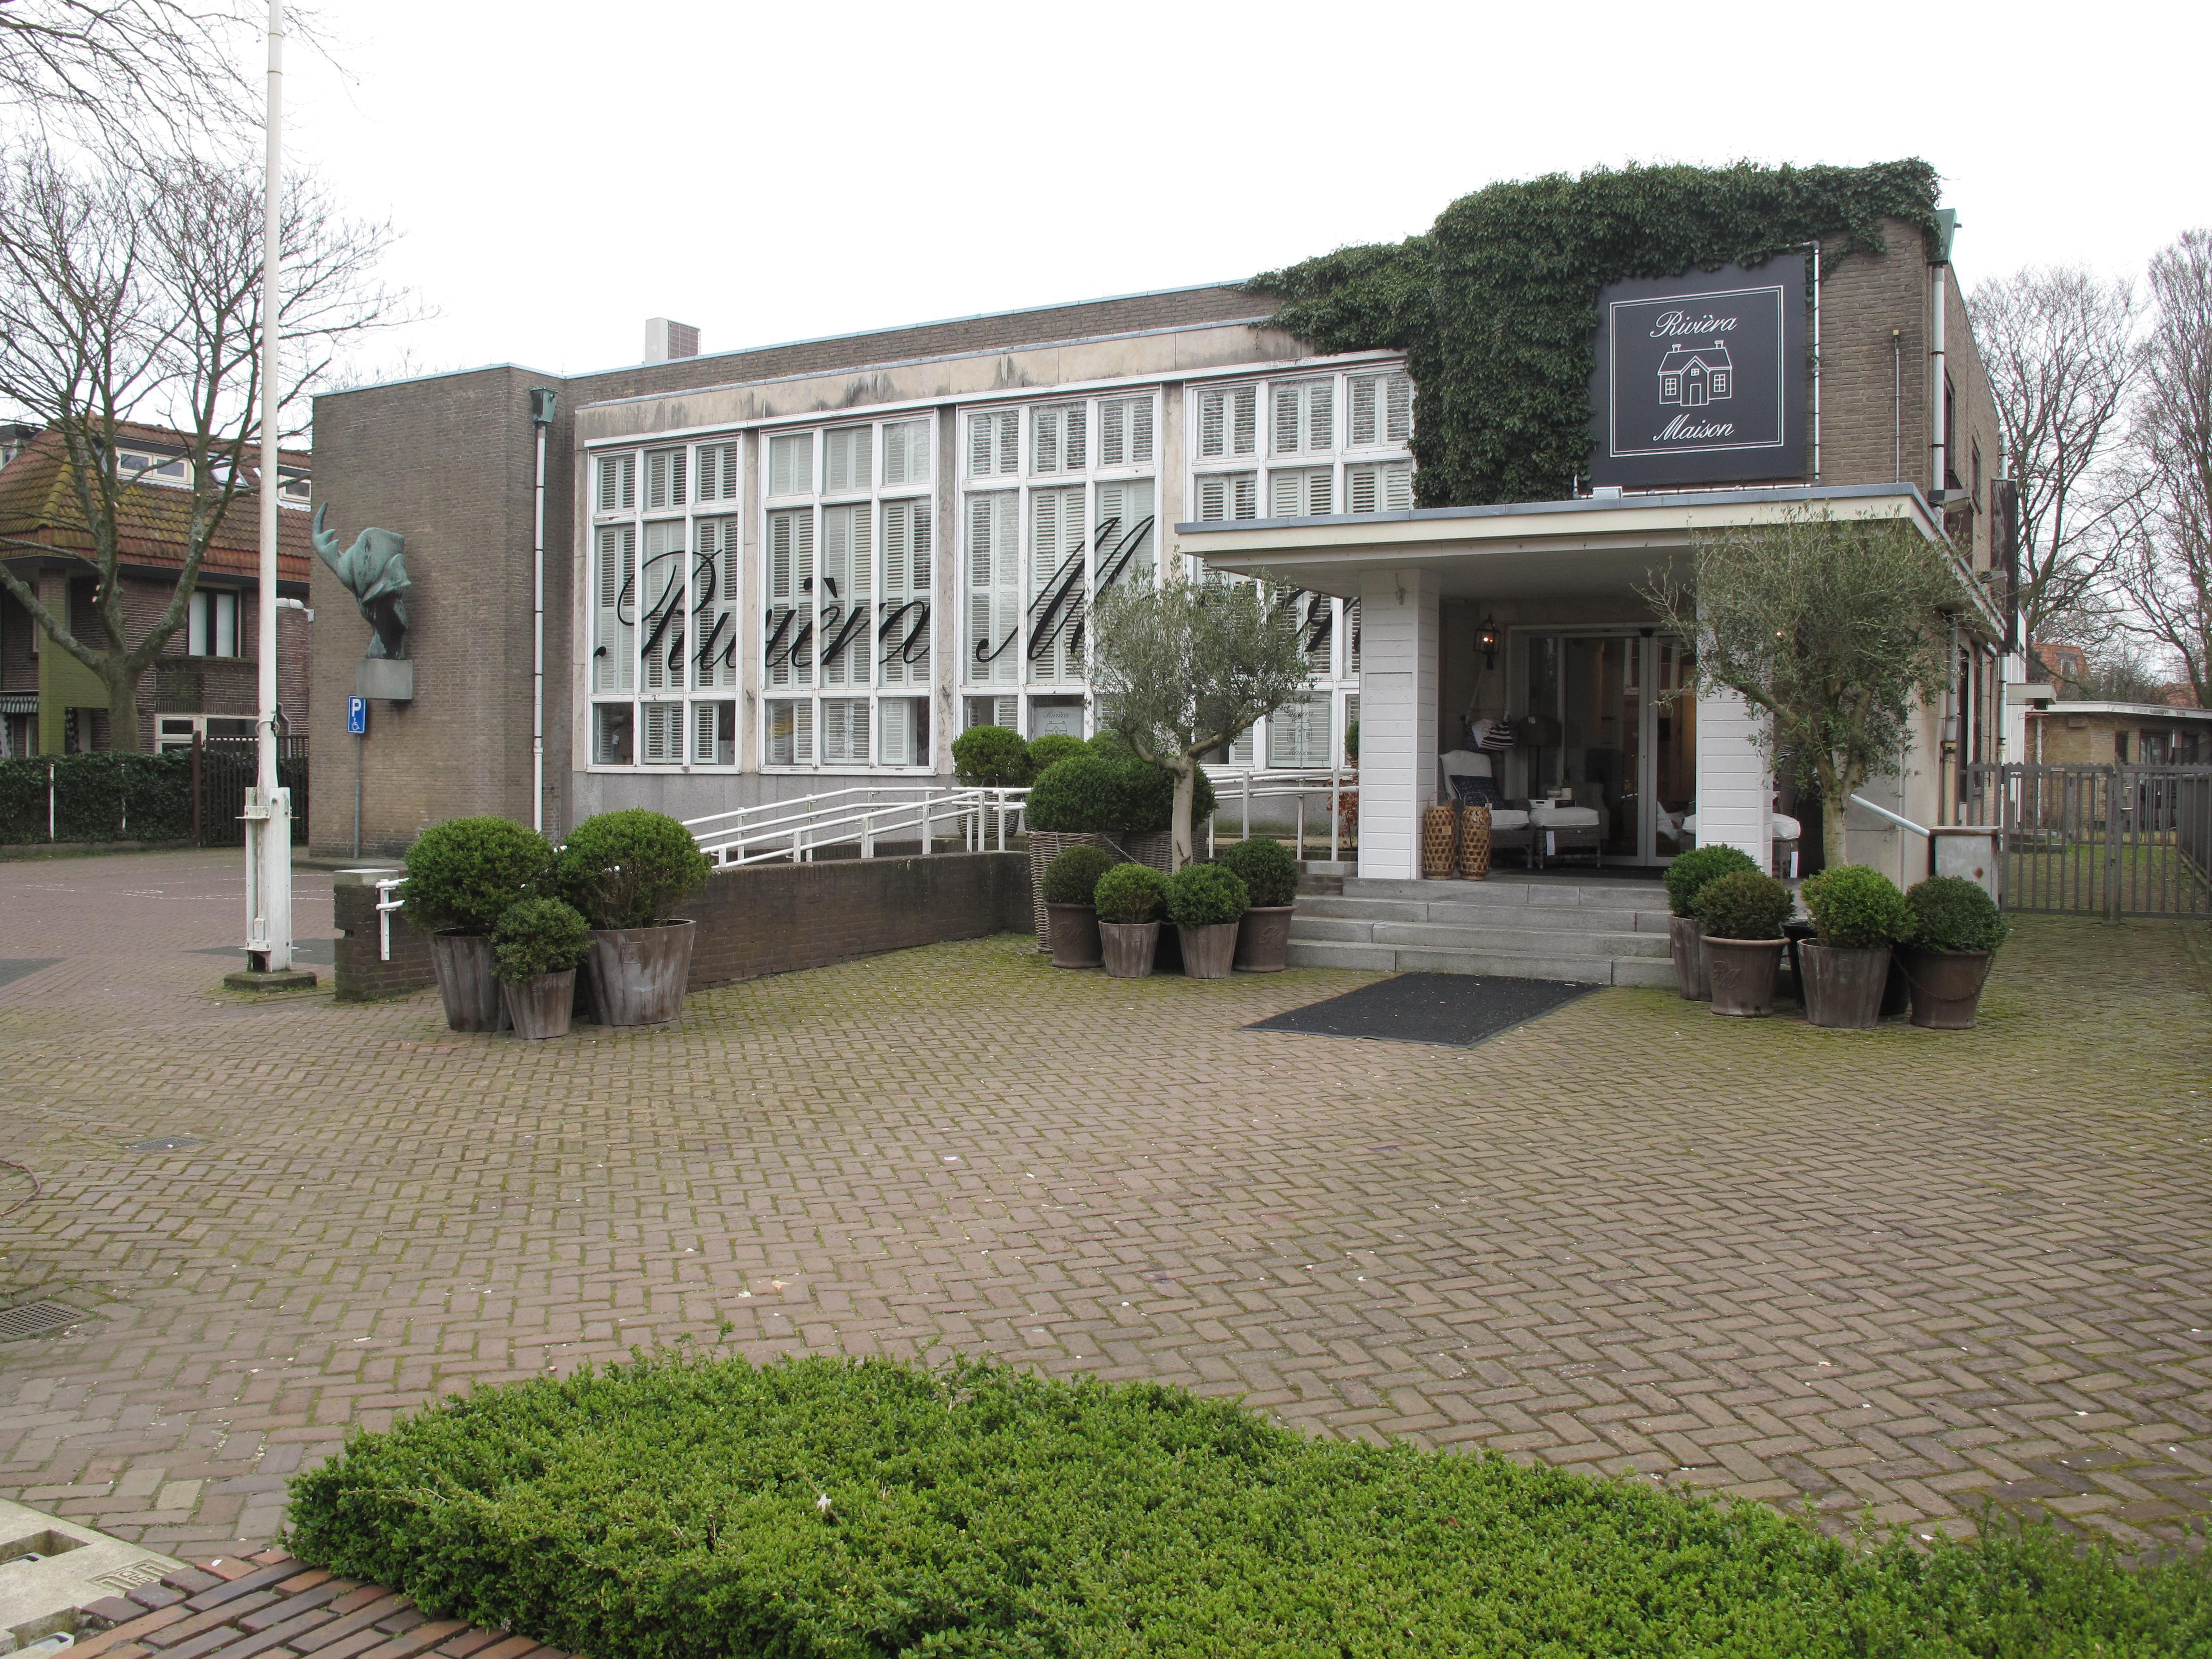 Appèl voor behoud 'moderne Rembrandt' in Heemstede. 'We moeten terug naar af'